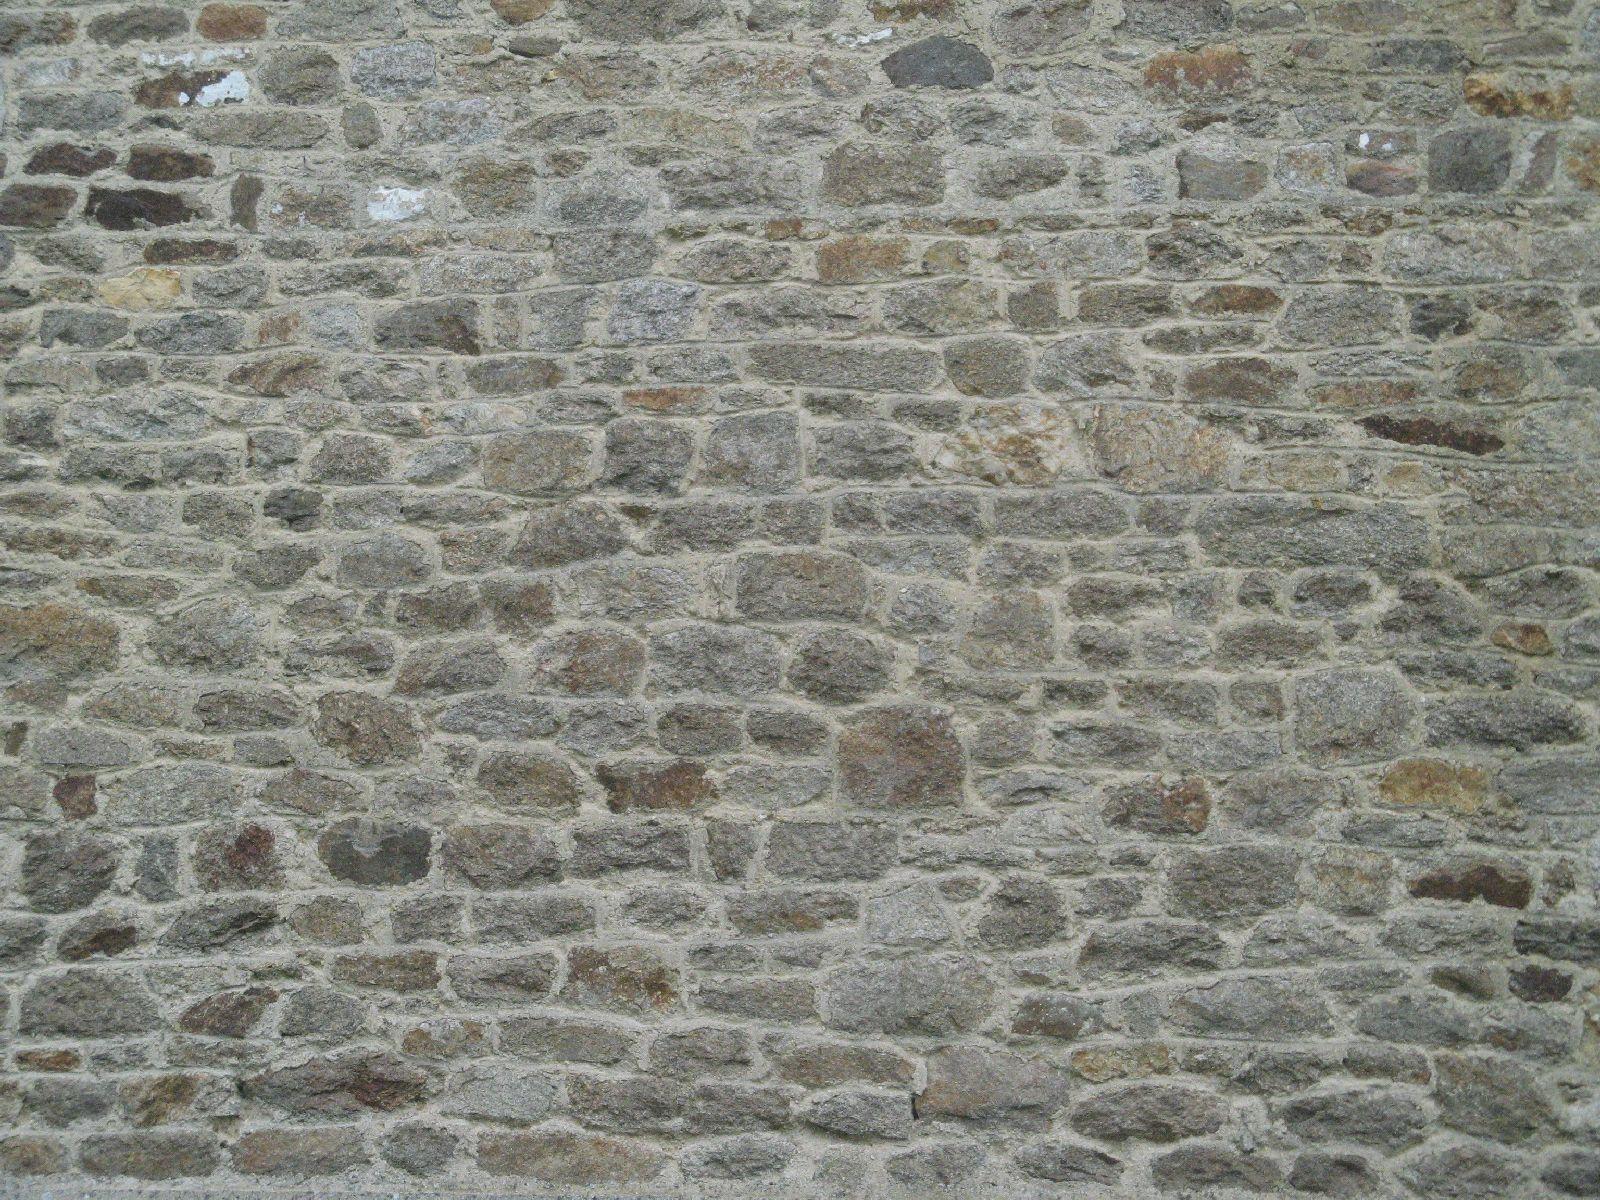 Wand-Bruchstein_Textur_B_2466